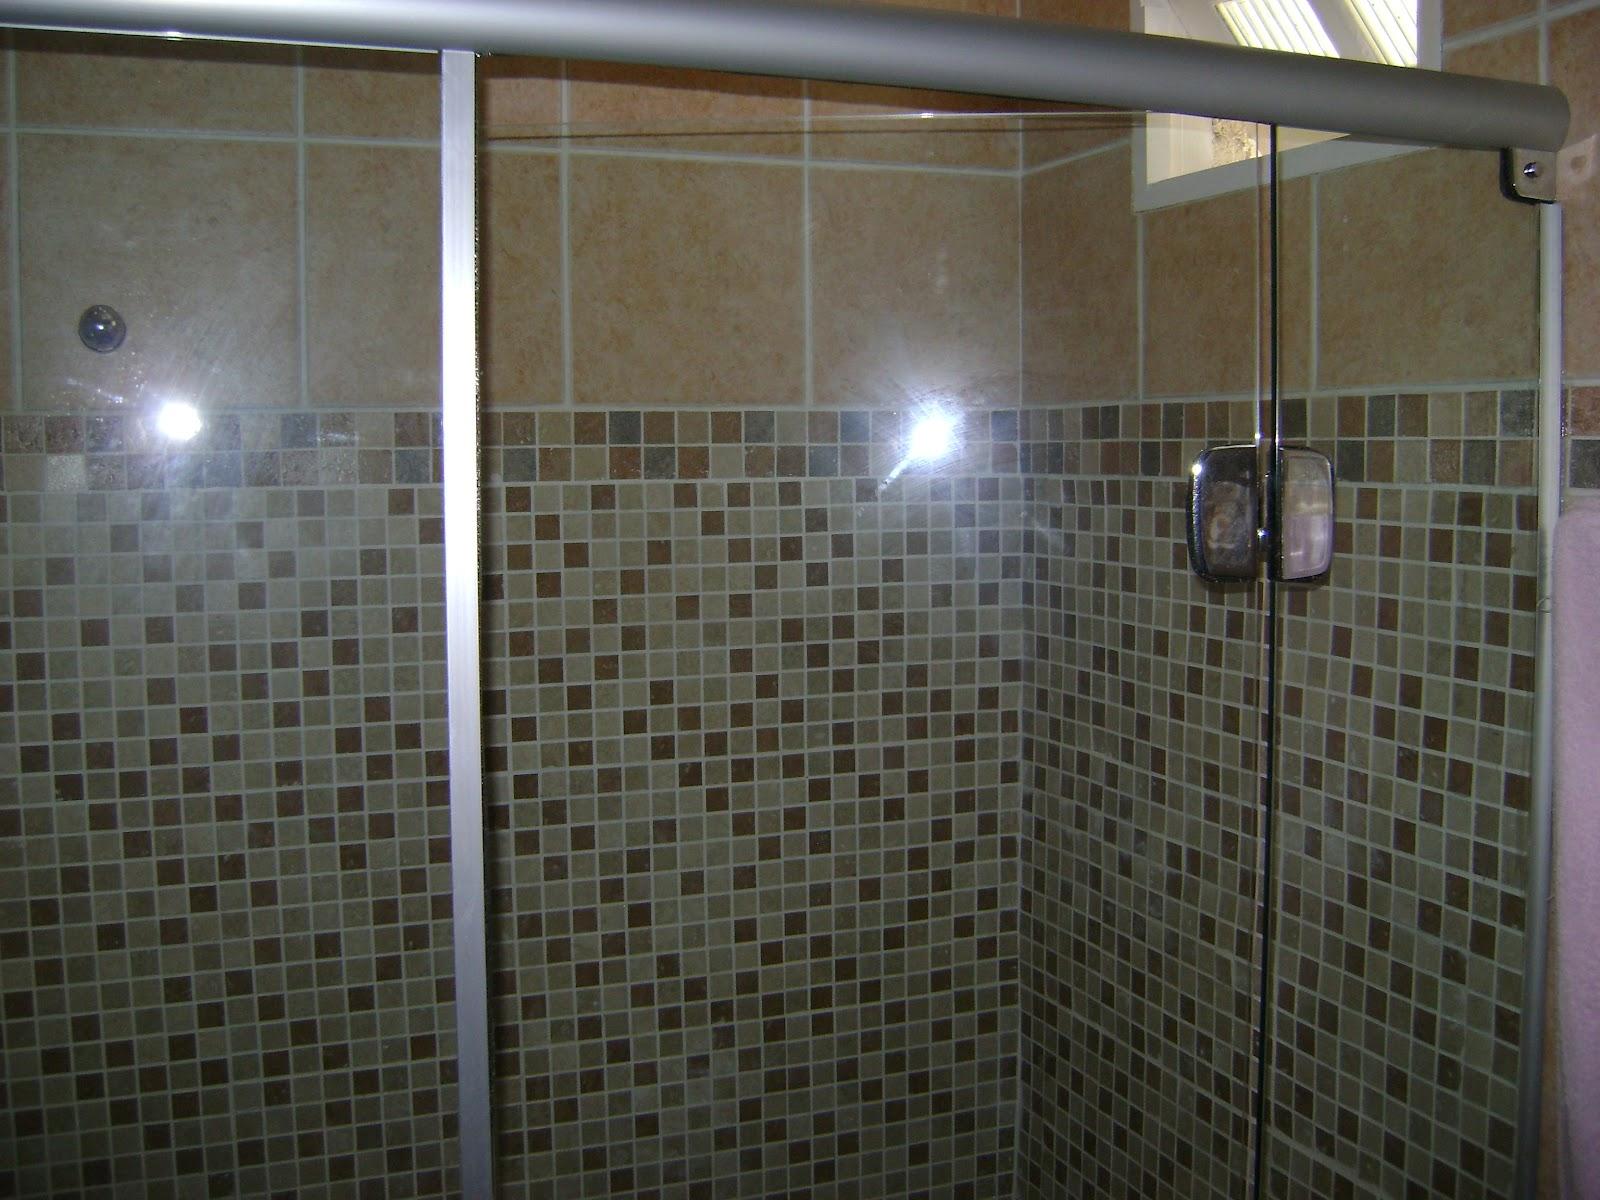 Imagens de #7E714D Art em Vidro e Aluminio: BOX PARA BANHEIRO 1600x1200 px 3104 Box Banheiro Aluminio